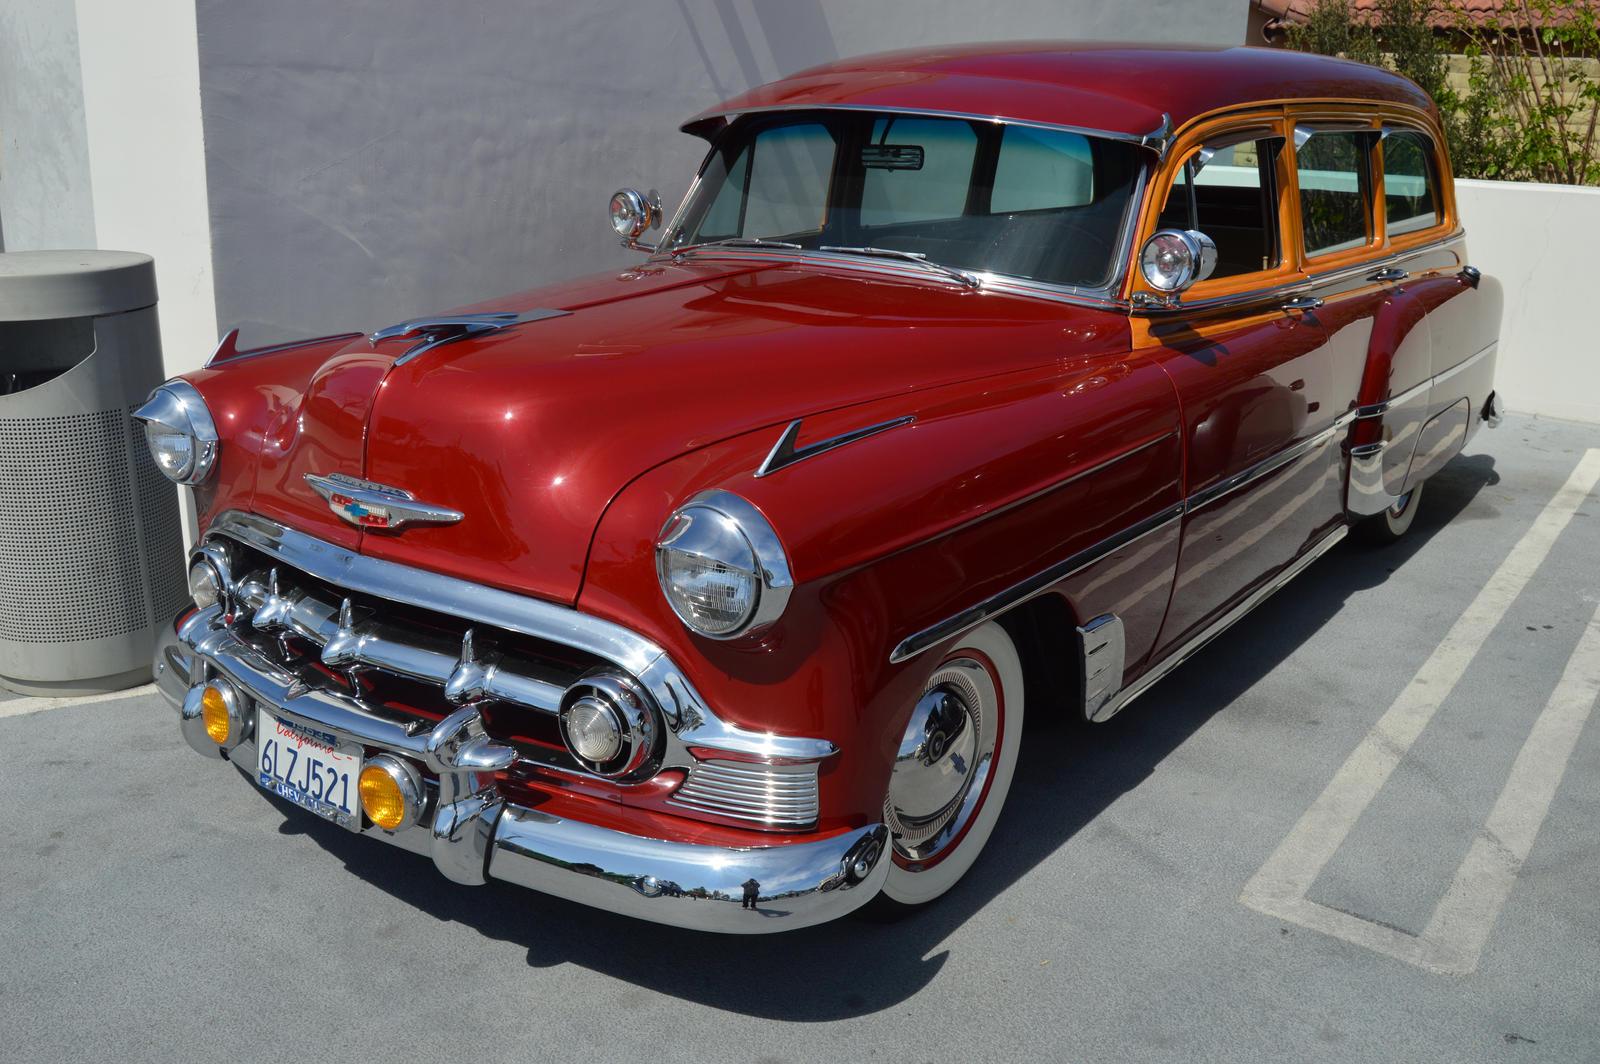 1953 Chevrolet 210 Station Wagon Viii By Brooklyn47 On